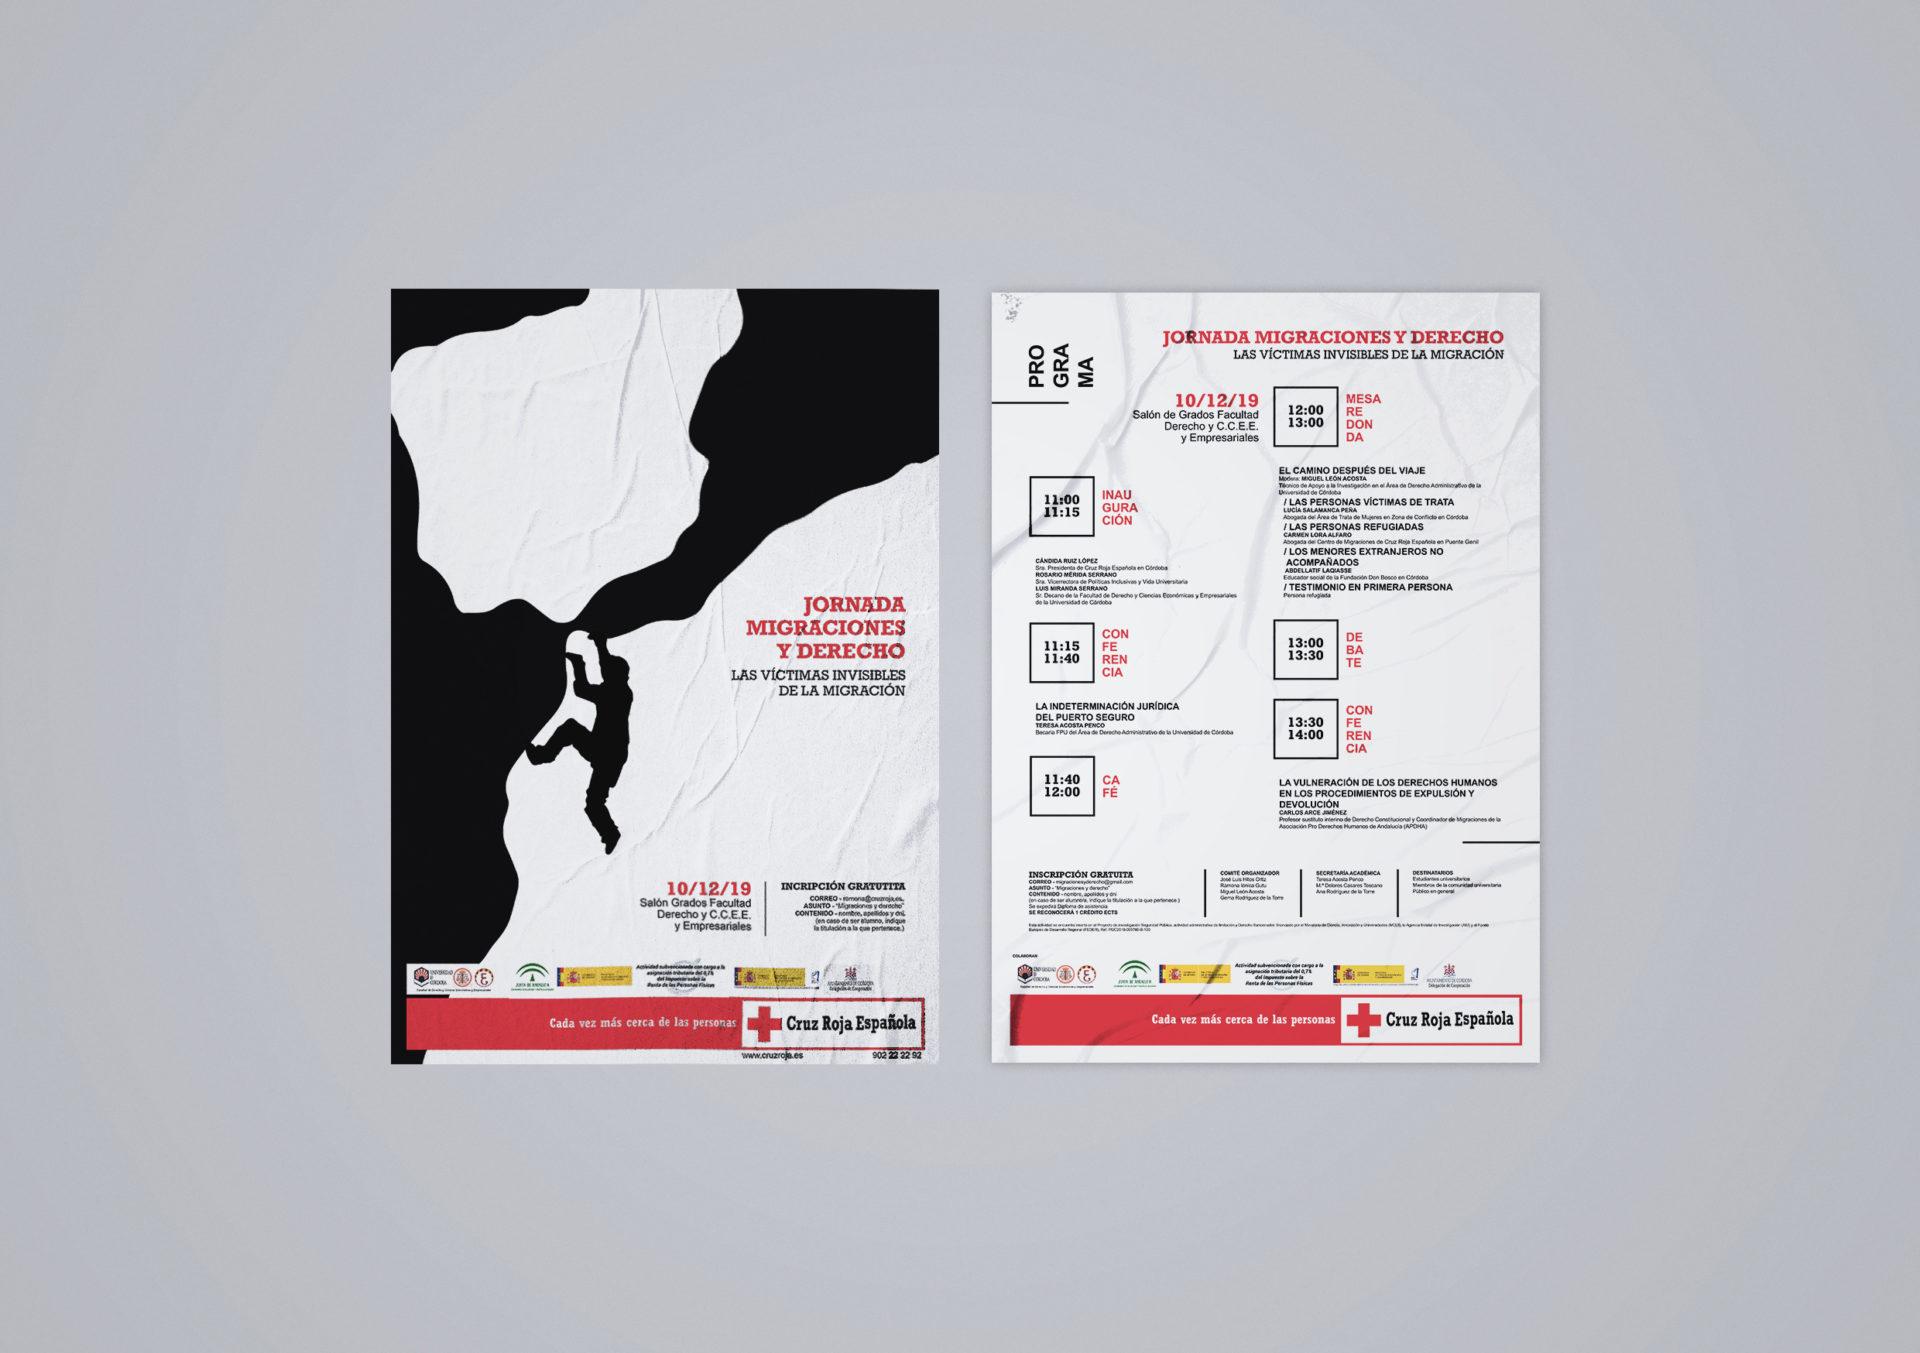 Cruz Roja - Cartel y programa